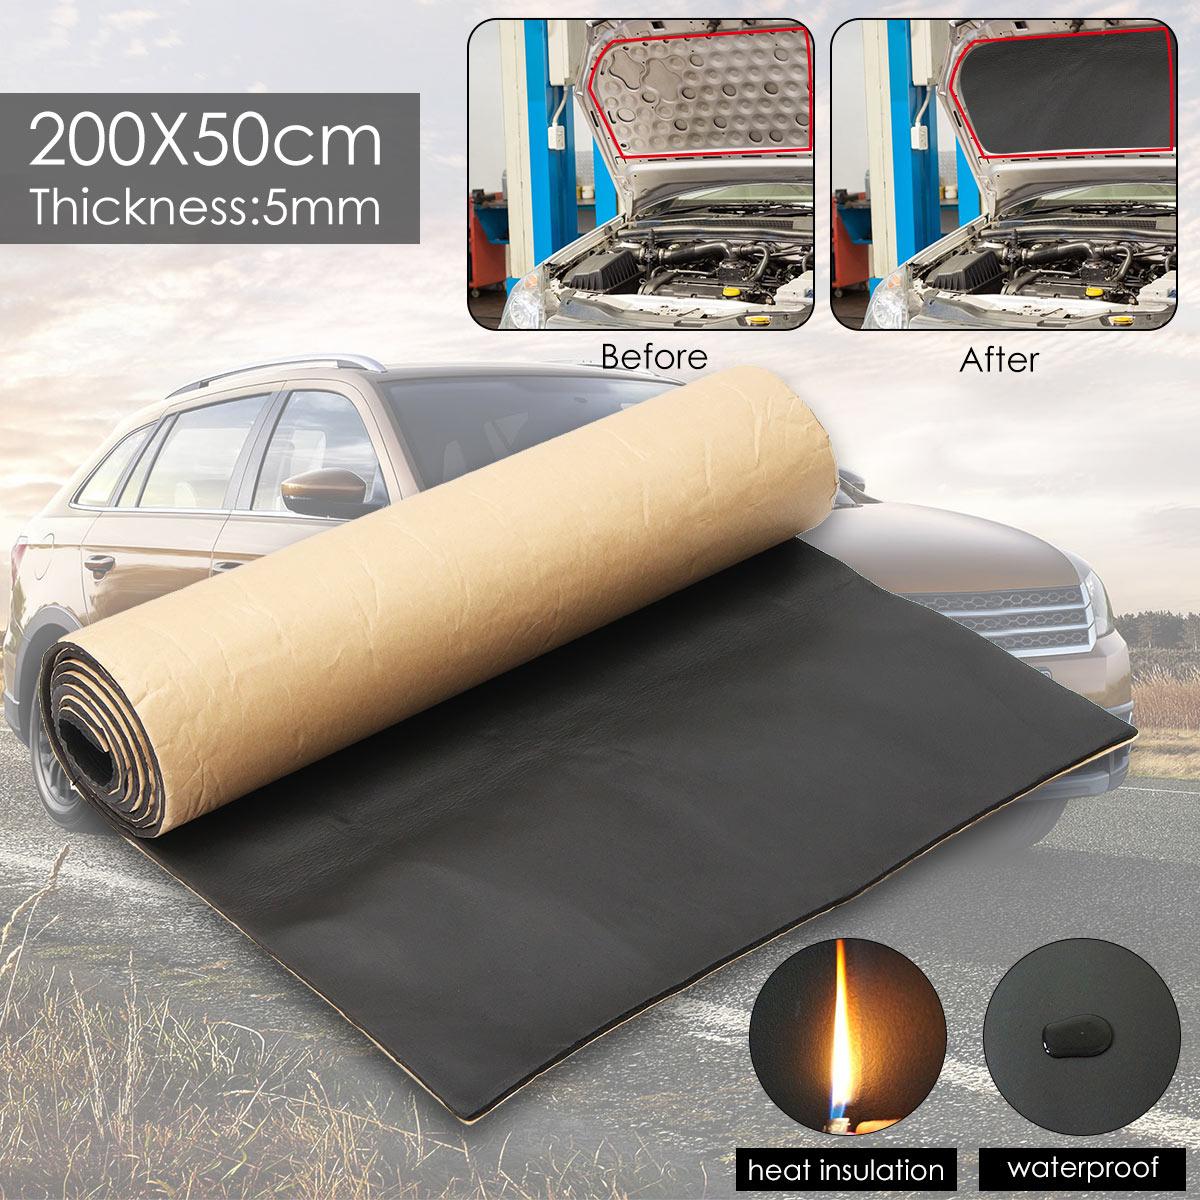 1 rolo 200cm x 50cm carro sadio proofing amortecimento anti-ruído isolamento acústico algodão calor fechado célula espuma acessórios do carro